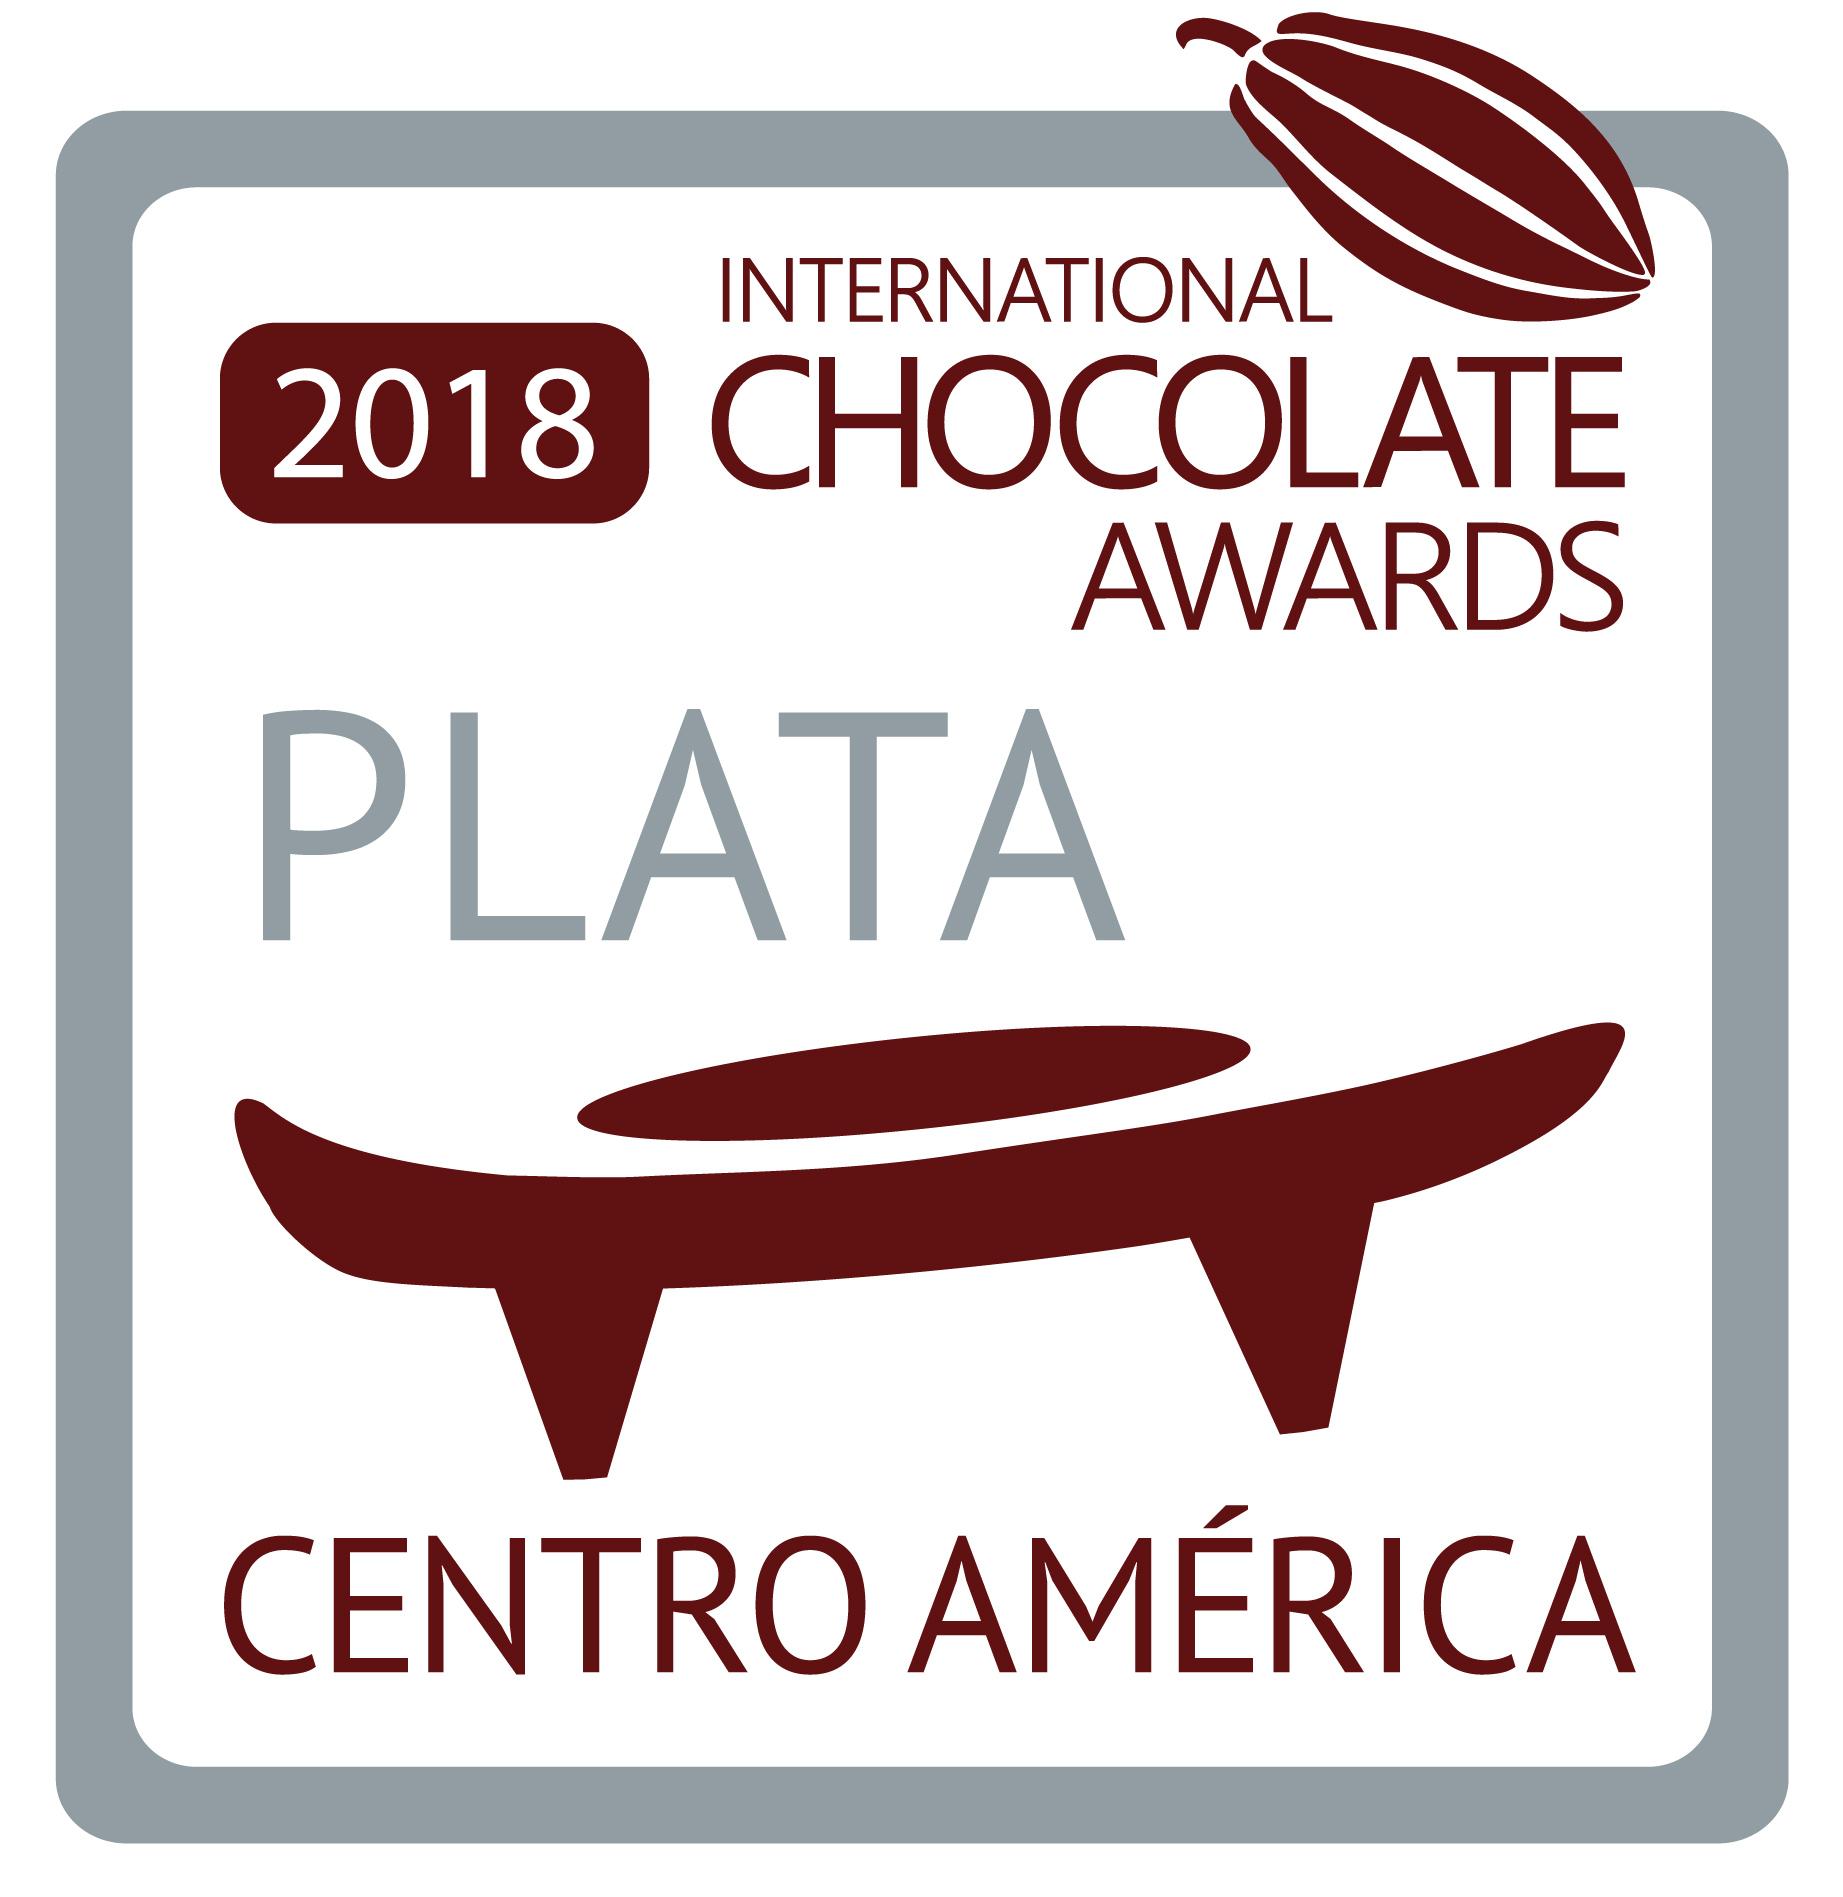 ica-prize-logo-2018-silver-centro-america-support-rgb